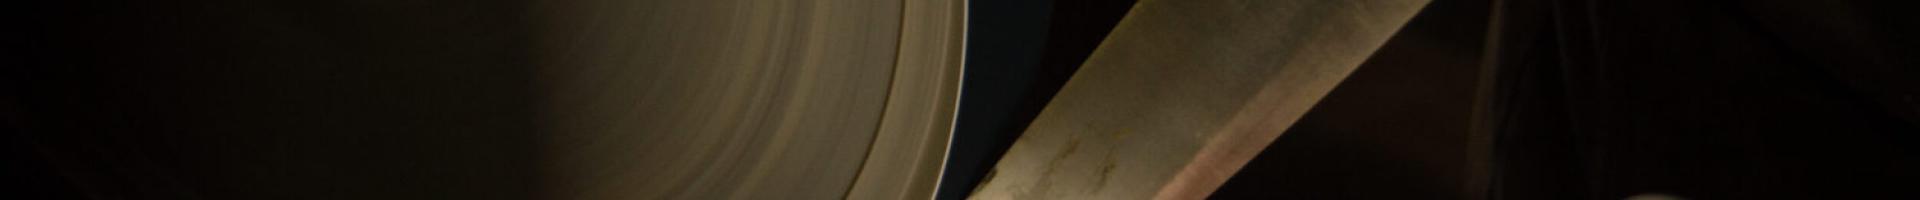 Les couteaux Sabatier-K sont-ils fabriqués à Thiers ?